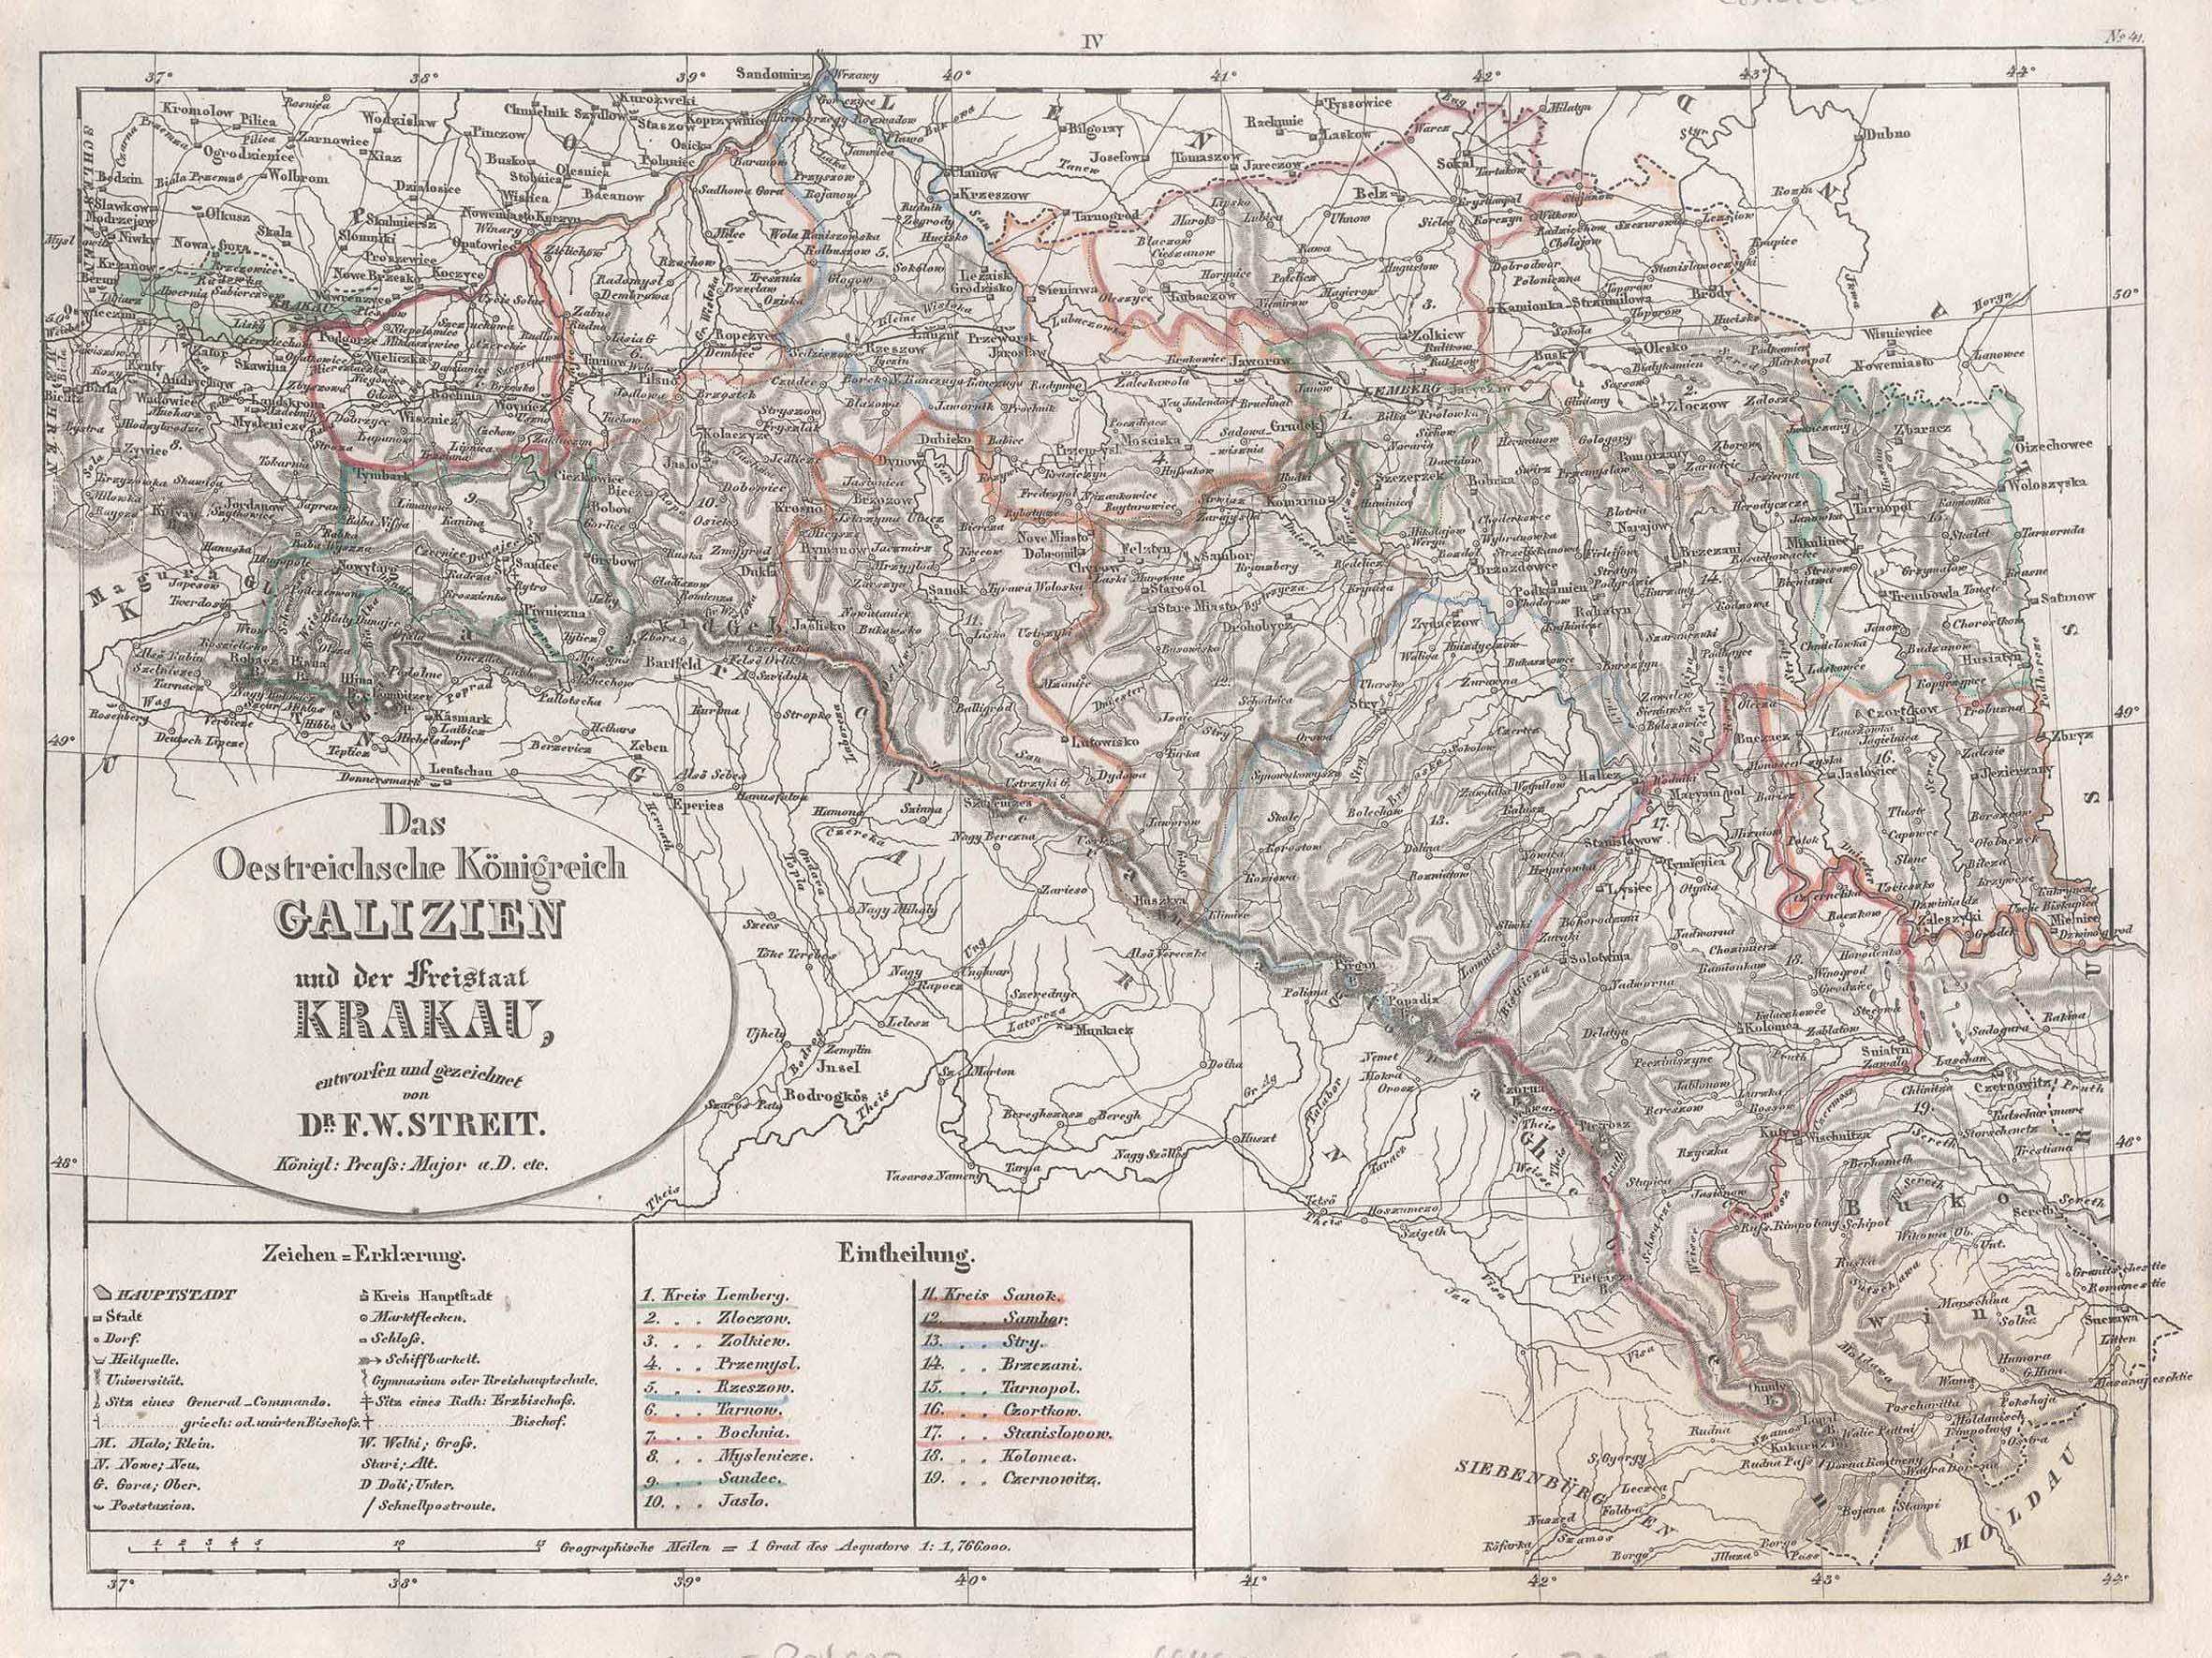 galizien karte Stahlstich  Karte, n. F.W. Streit,